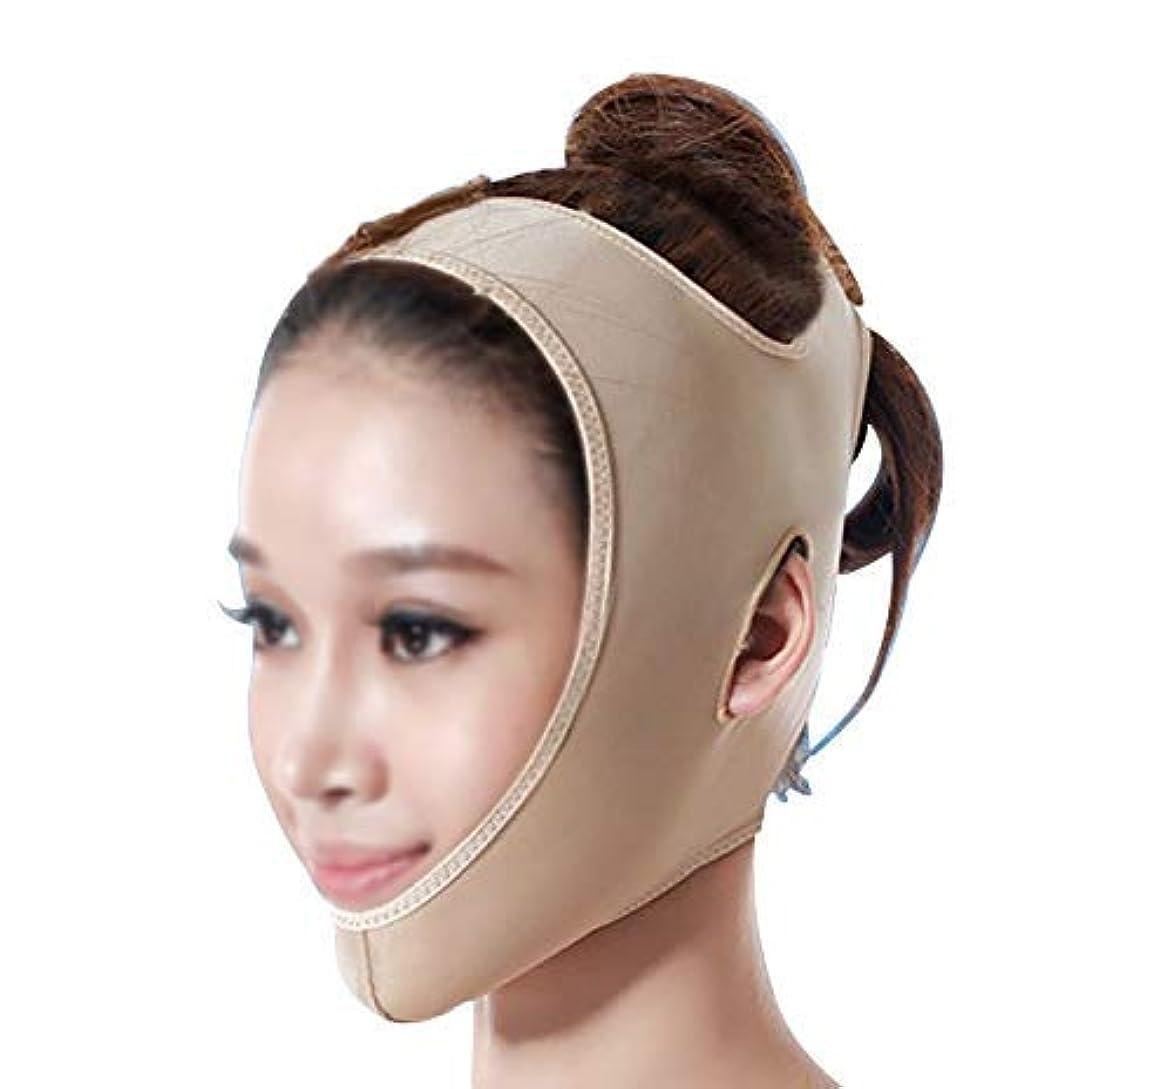 皮肉助けになるビバファーミングフェイスマスク、フェイシャルマスク美容医学フェイスマスク美容Vフェイス包帯ライン彫刻リフティングファーミングダブルチンマスク(サイズ:S),Xl